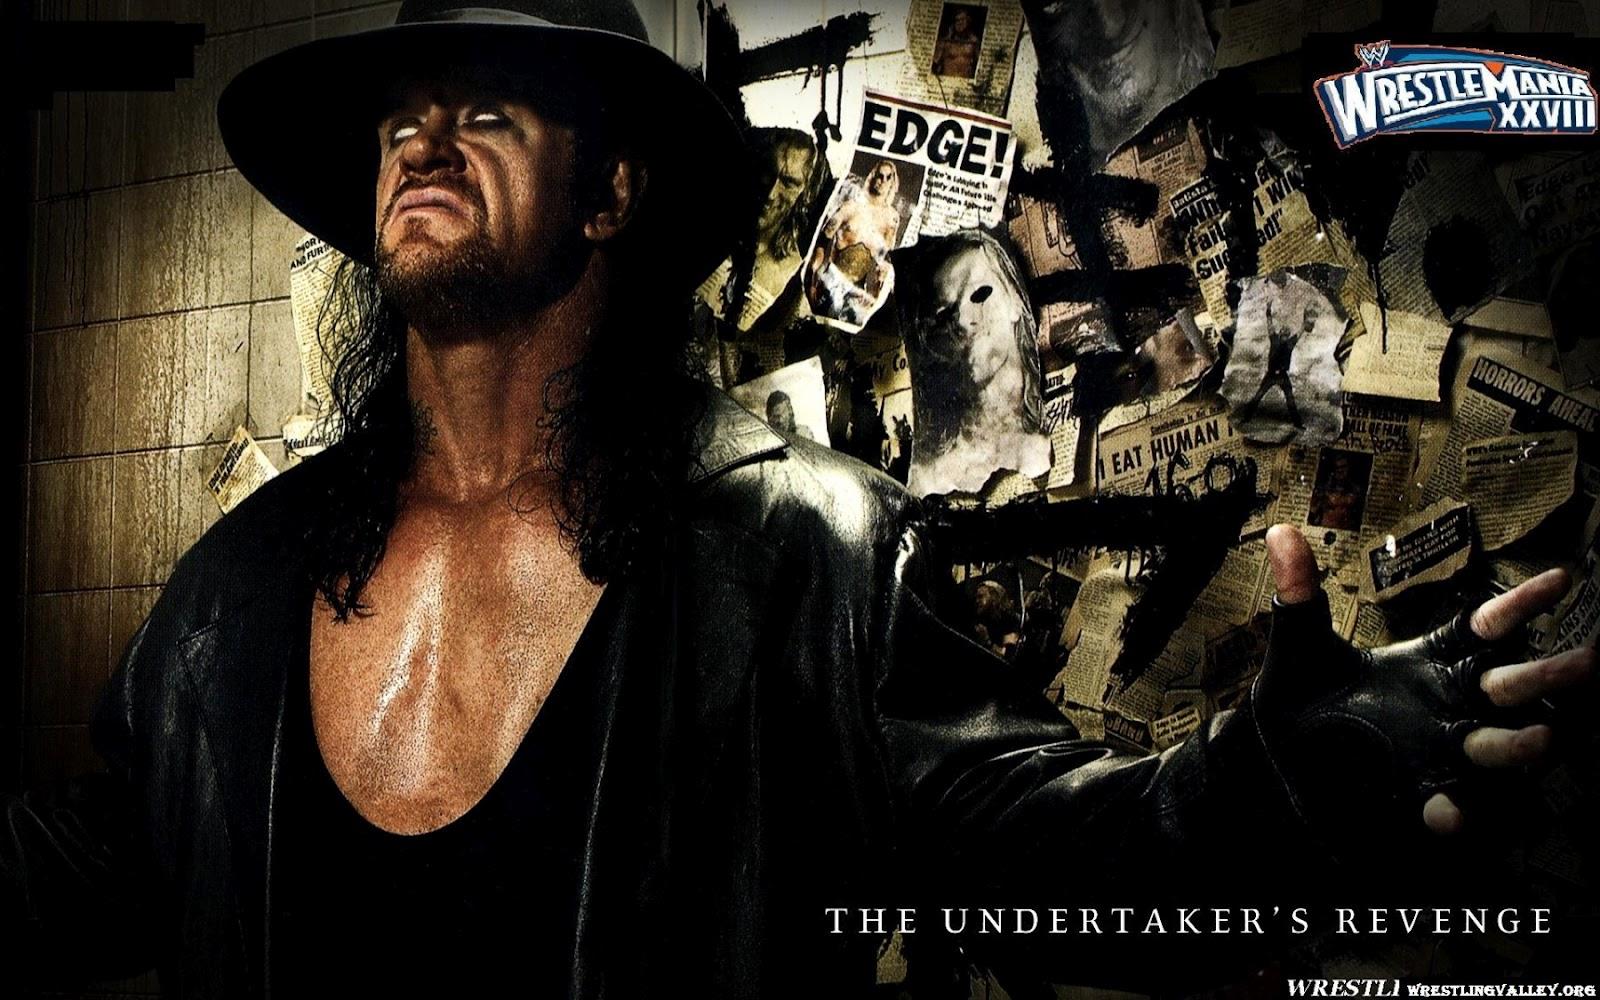 WWE - Undertaker WallpapersUndertaker Wallpaper 2012